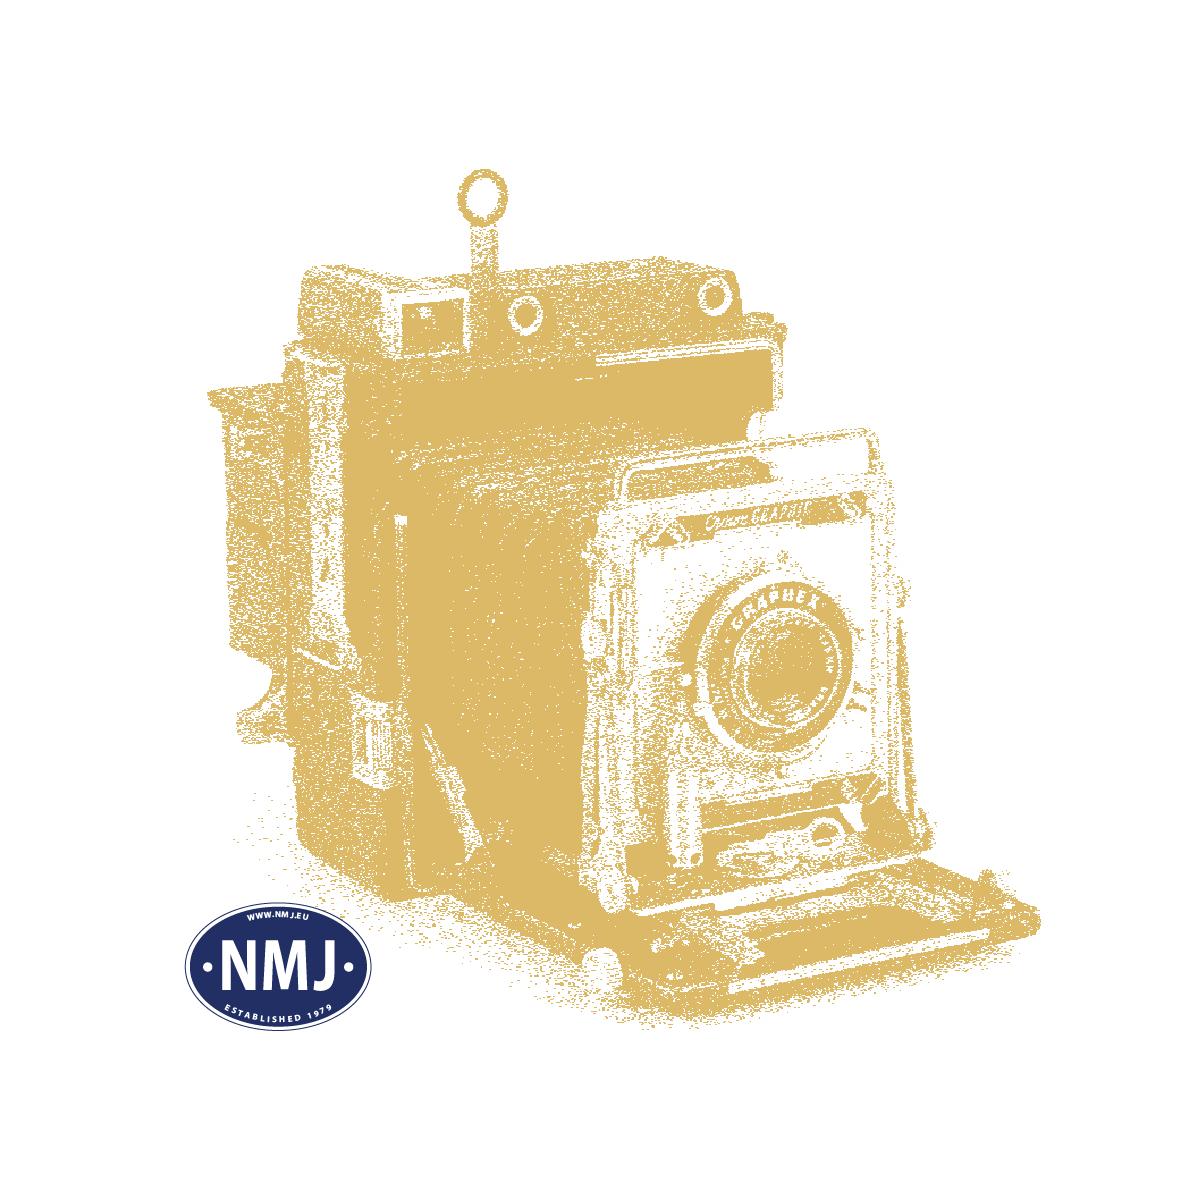 NMJT90202 - NMJ Topline MAV M61.010, Nohab, DCC m/ Lyd